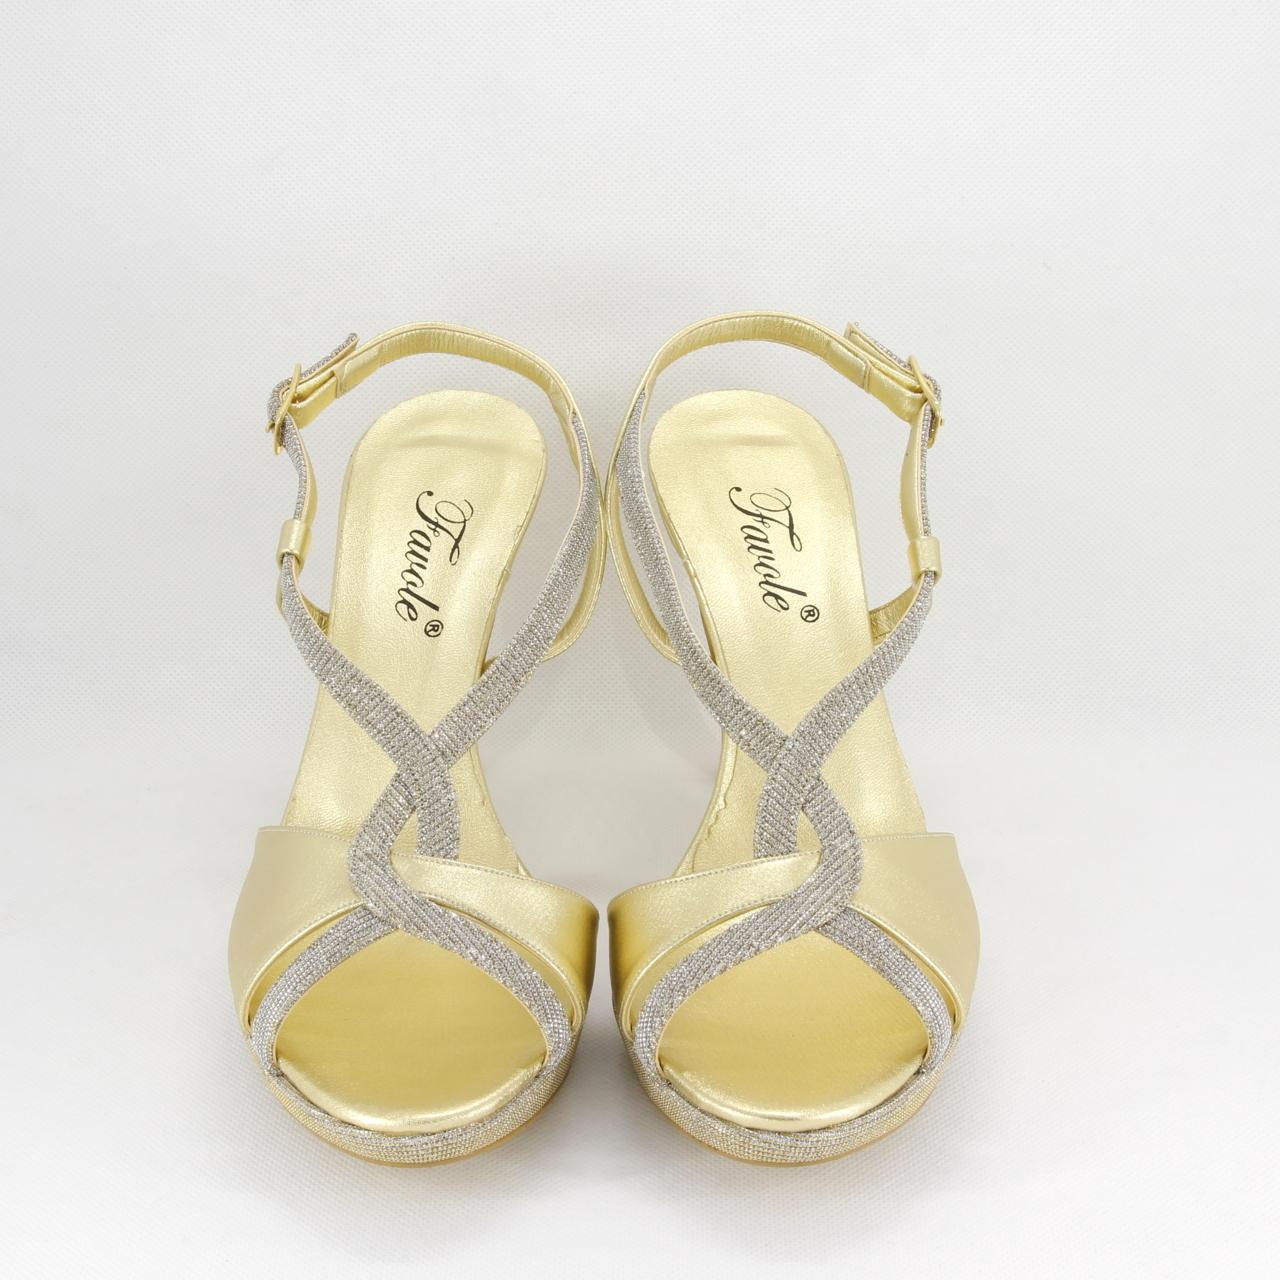 Sandalo donna elegante da cerimonia in tessuto glitter oro con cinghietta regolabile Art. A616 Gi. Effe Ci